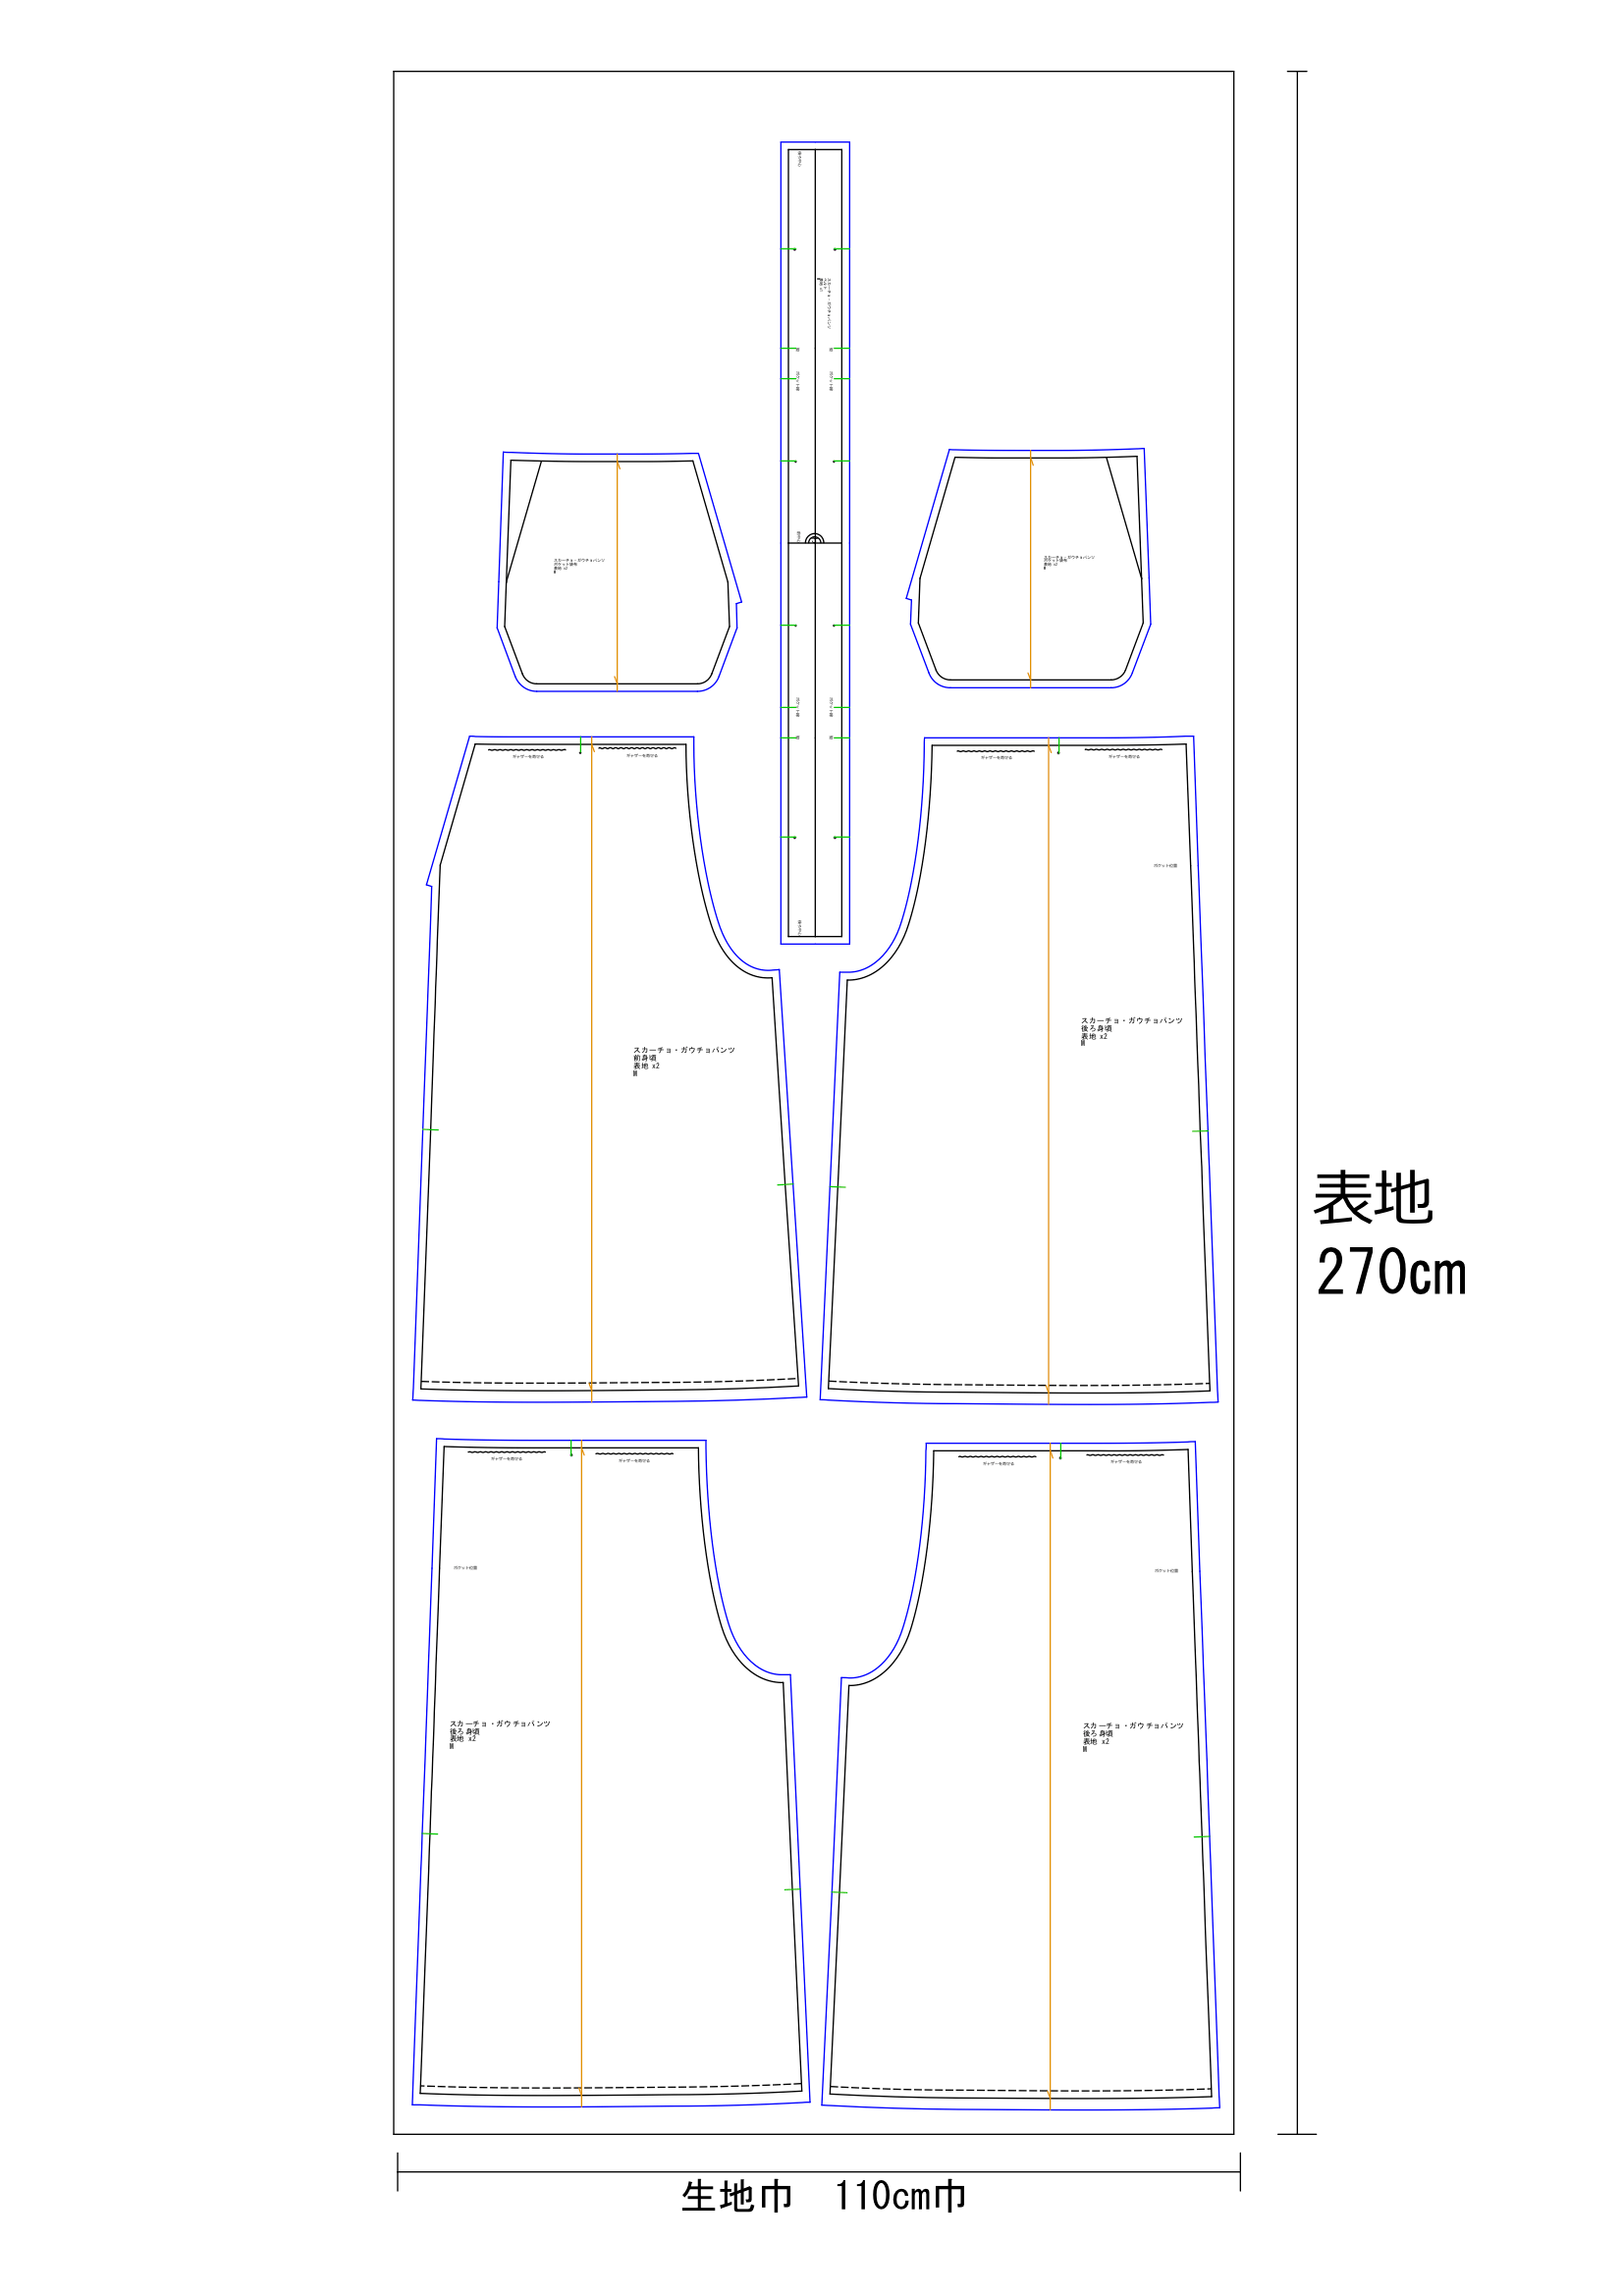 スカンツ・ガウチョパンツの用尺